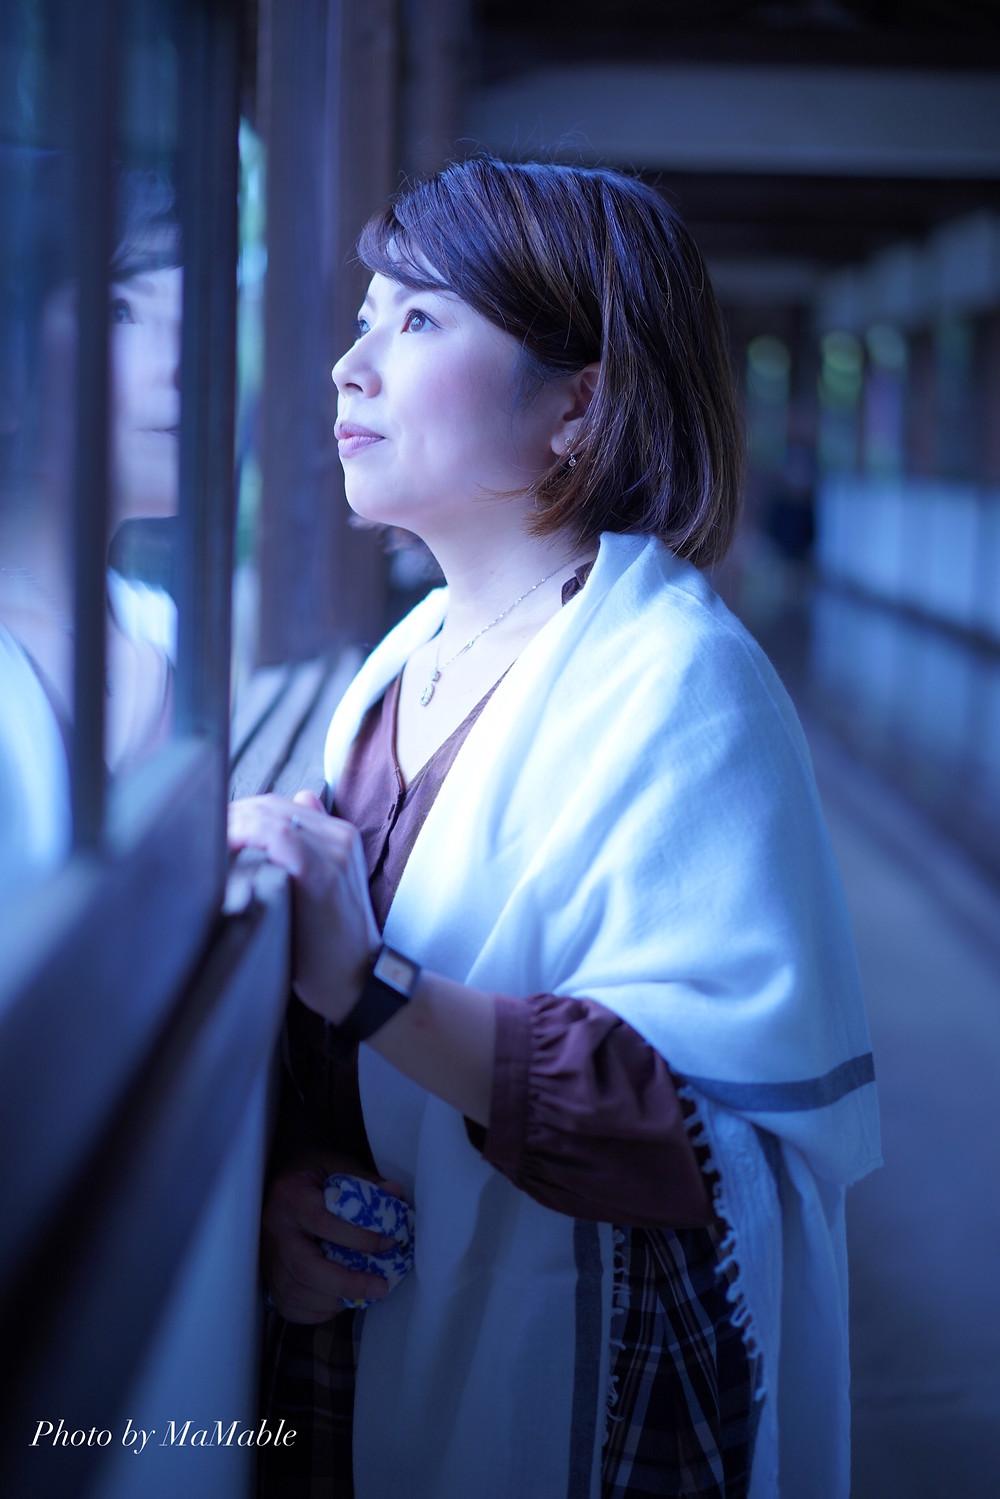 武蔵小杉|川崎|横浜|出張ベビーマッサージ・ベビースキンケア教室・ベビーフォト・ママのための資格取得スクール|MaMable|ままぶる